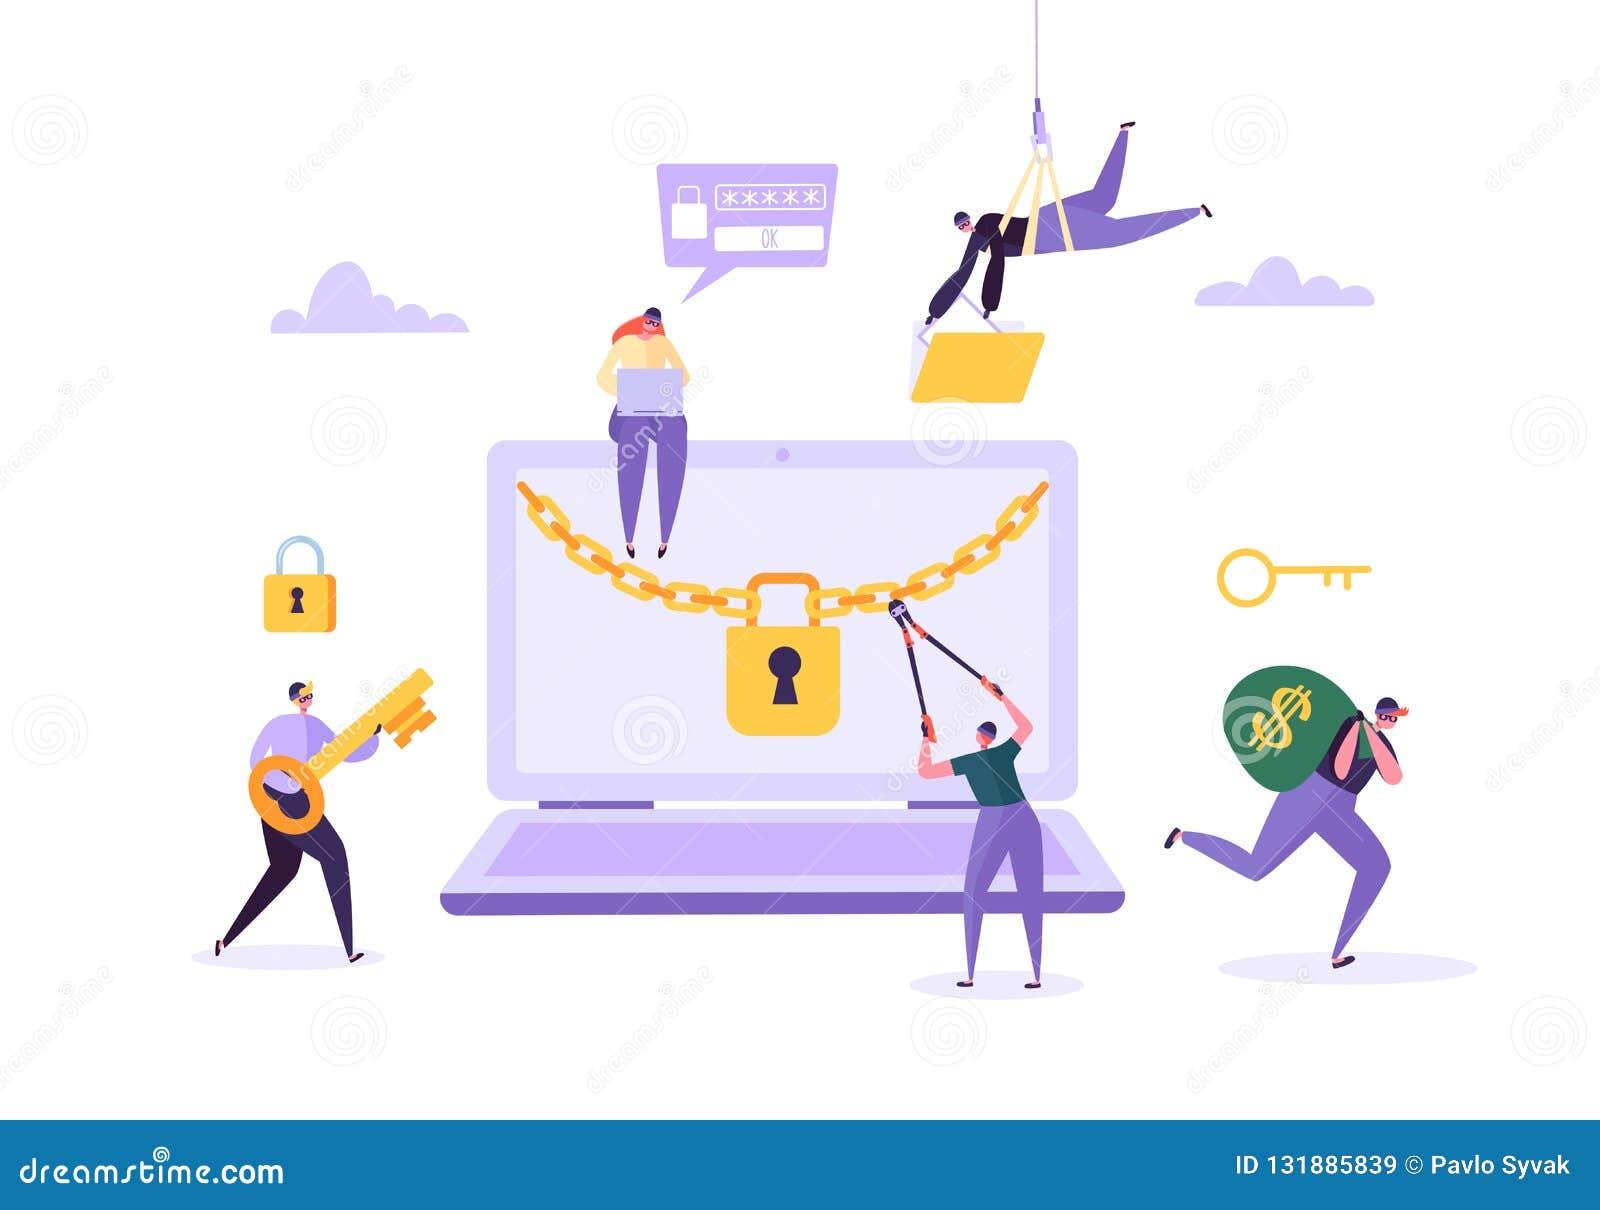 Hacker, der Passwort und Geld vom Laptop stiehlt Dieb Characters Hacking Computer Fischen-Angriff, Finanzbetrug